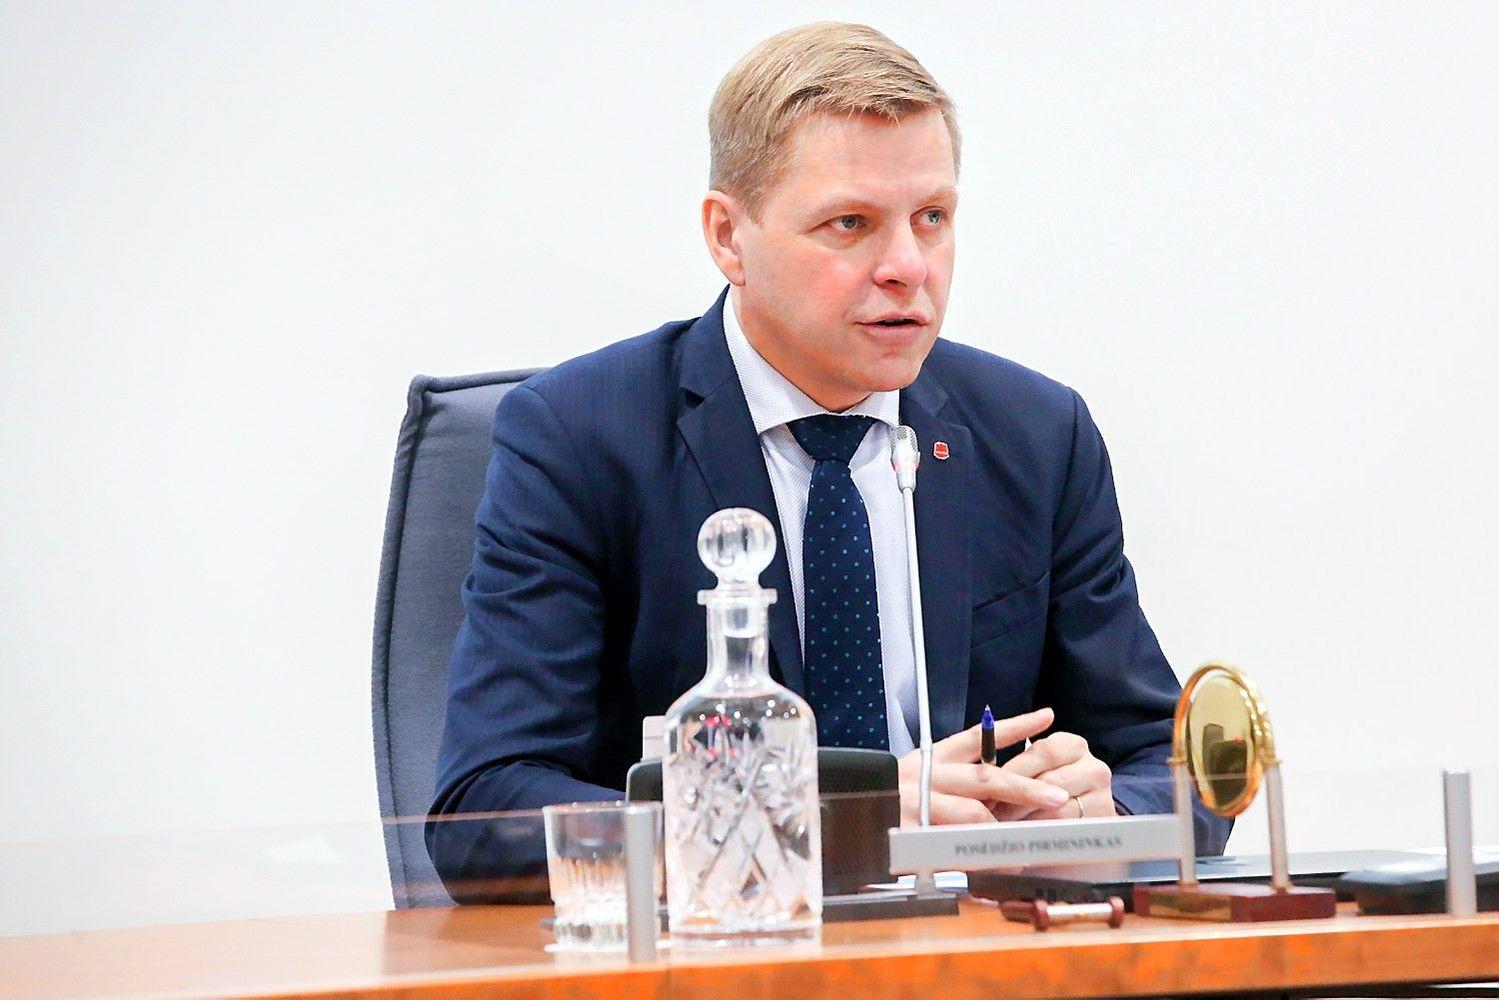 Šimašius pranešė, kaip ir su kokia komanda sieks antros Vilniaus miesto mero kadencijos